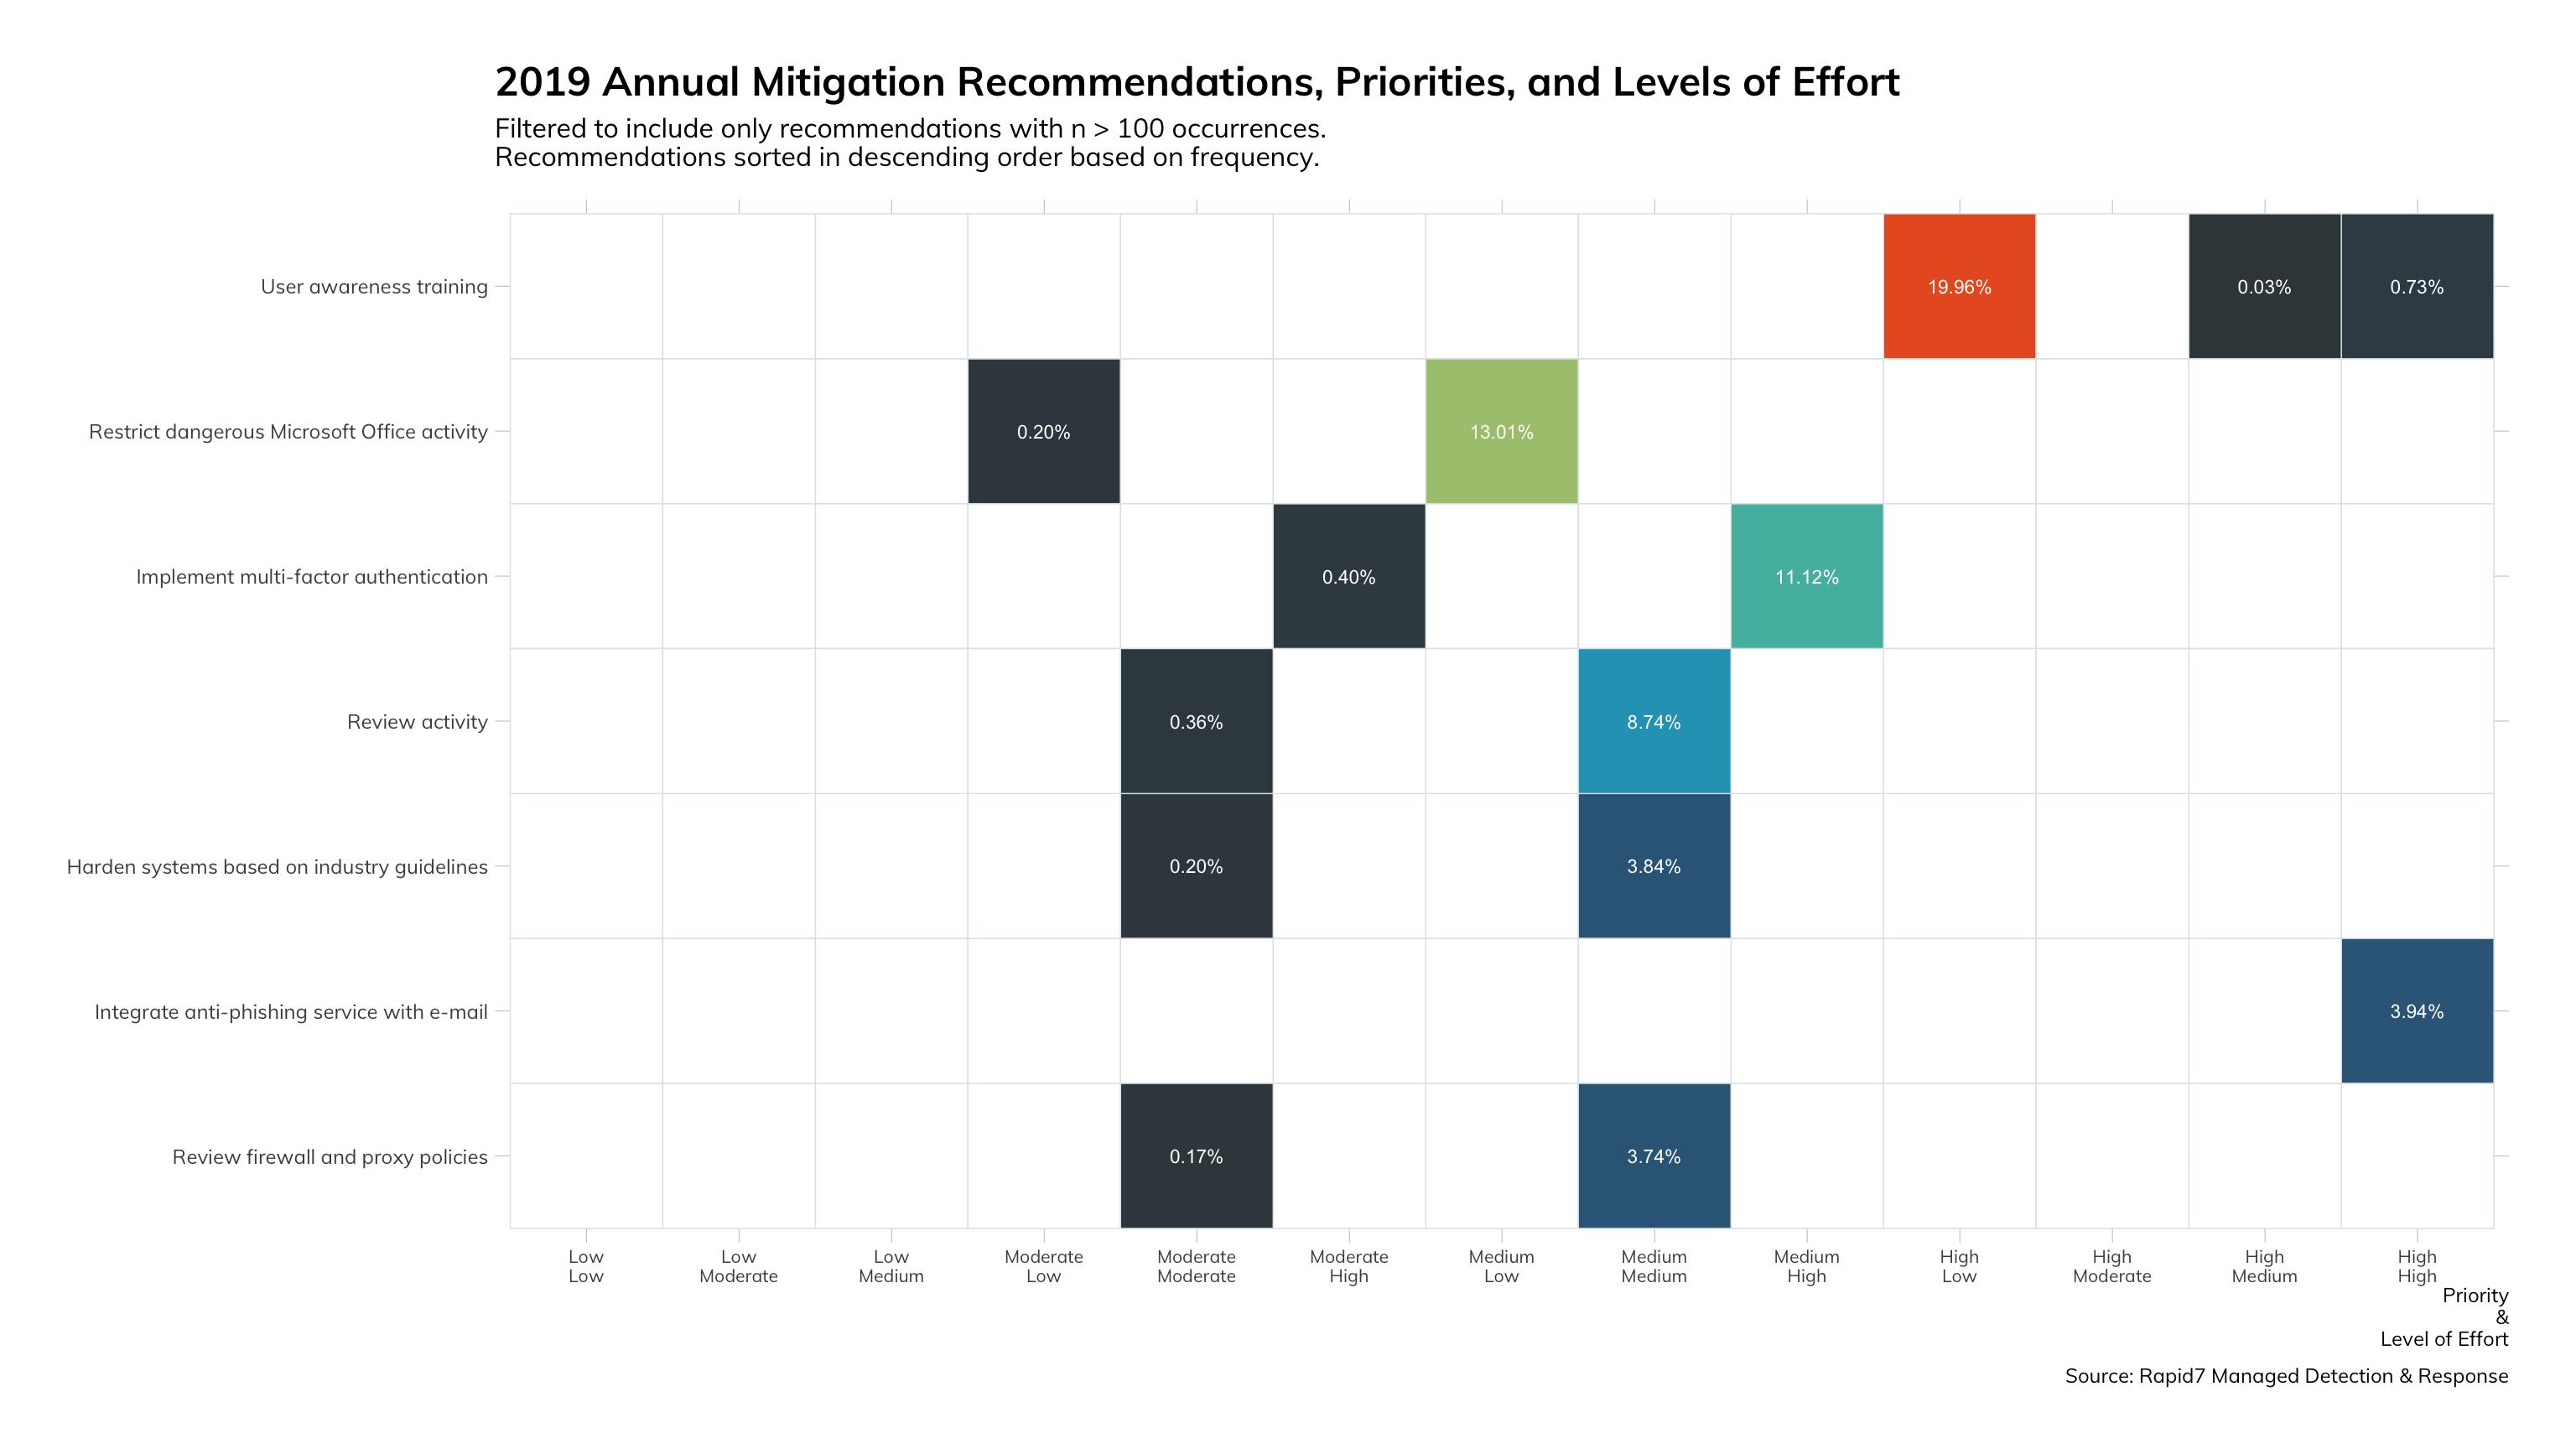 図18: 2019年の緩和に関する推奨事項、優先度、必要な作業量